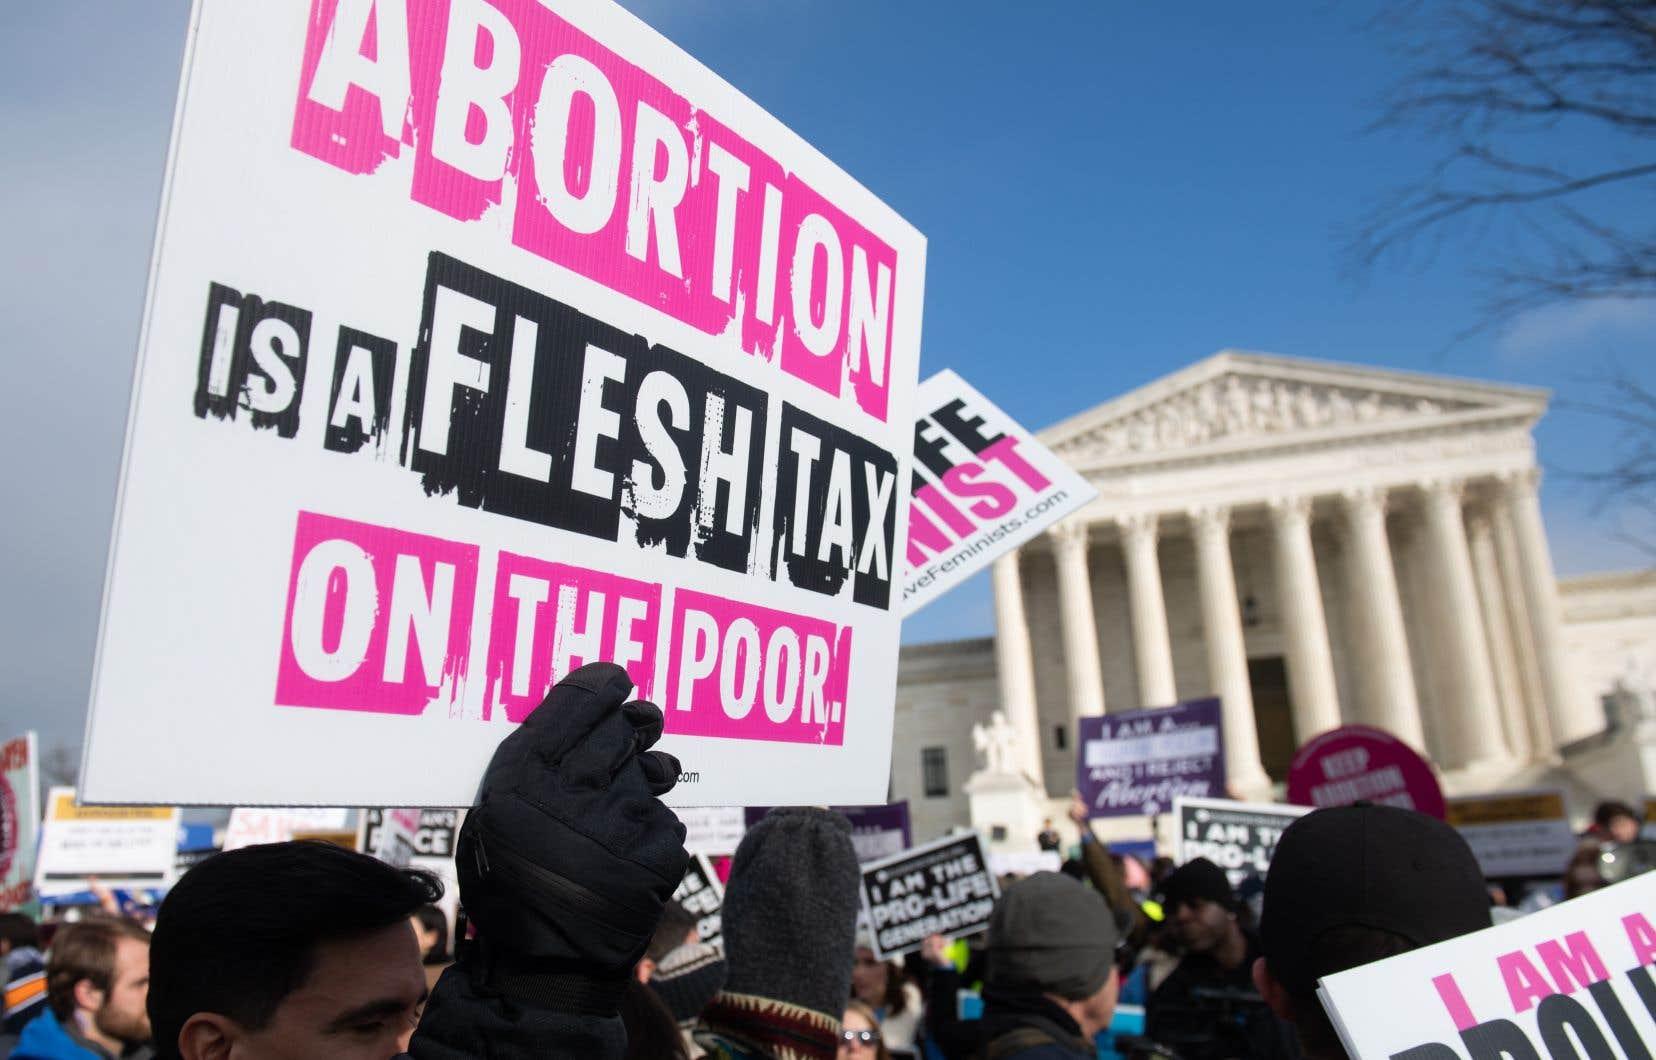 Faire monter le dossier à la Cour suprême à Washington est l'objectif avoué des opposants à l'avortement.